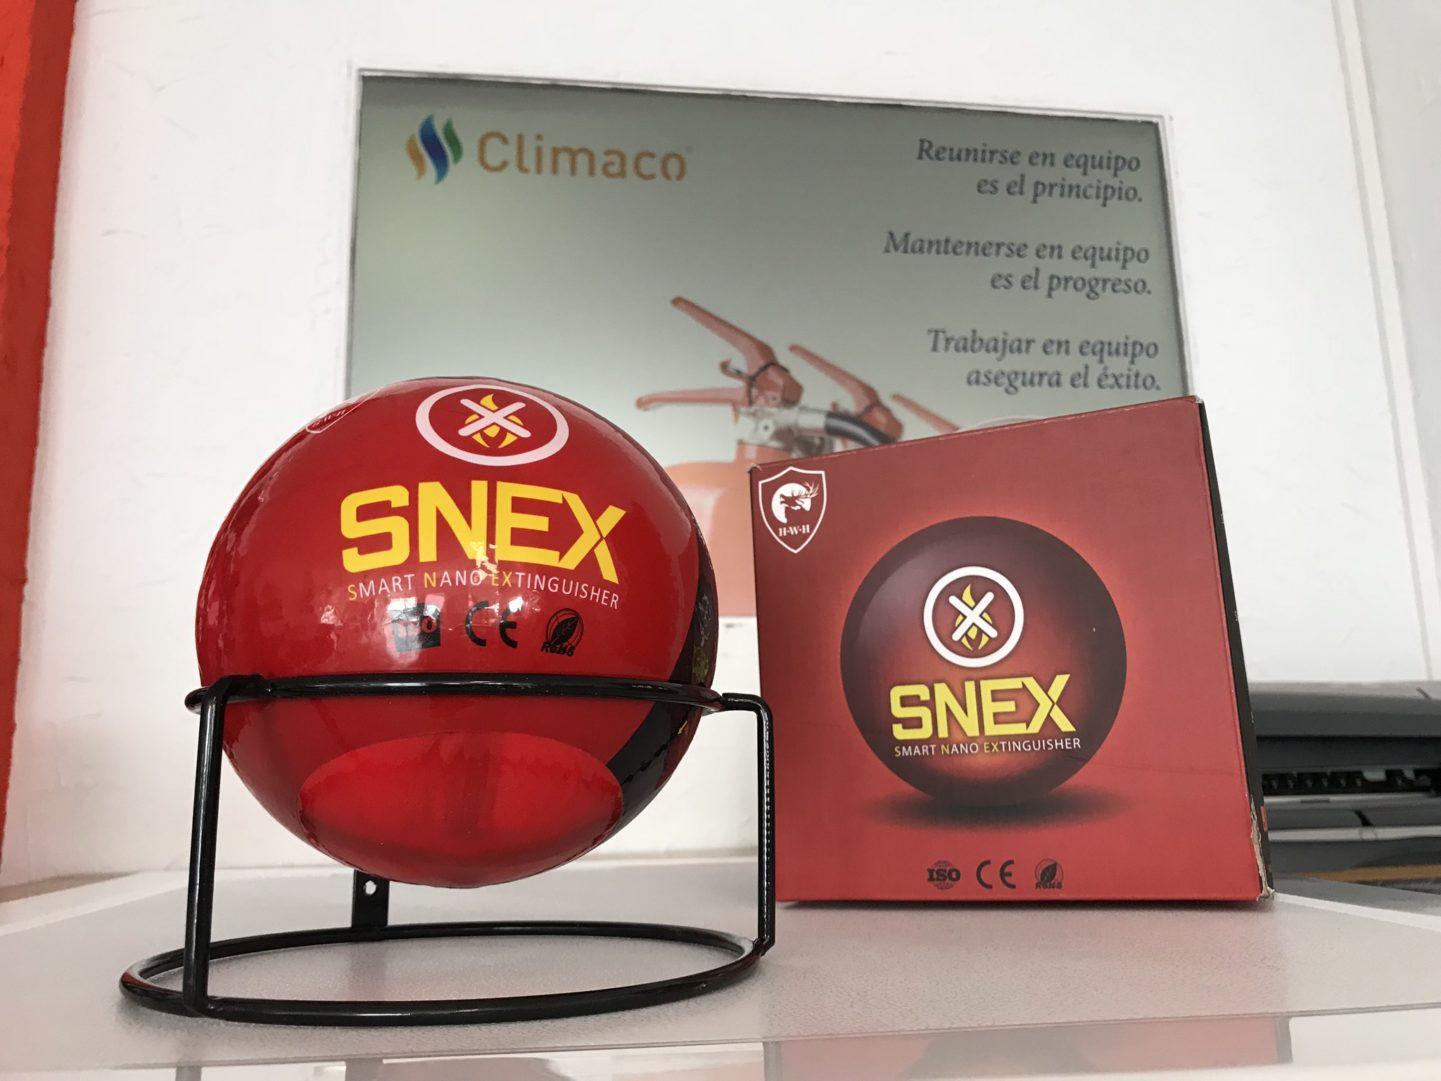 Bola para extinguir fuegos en industria. Snex climaco